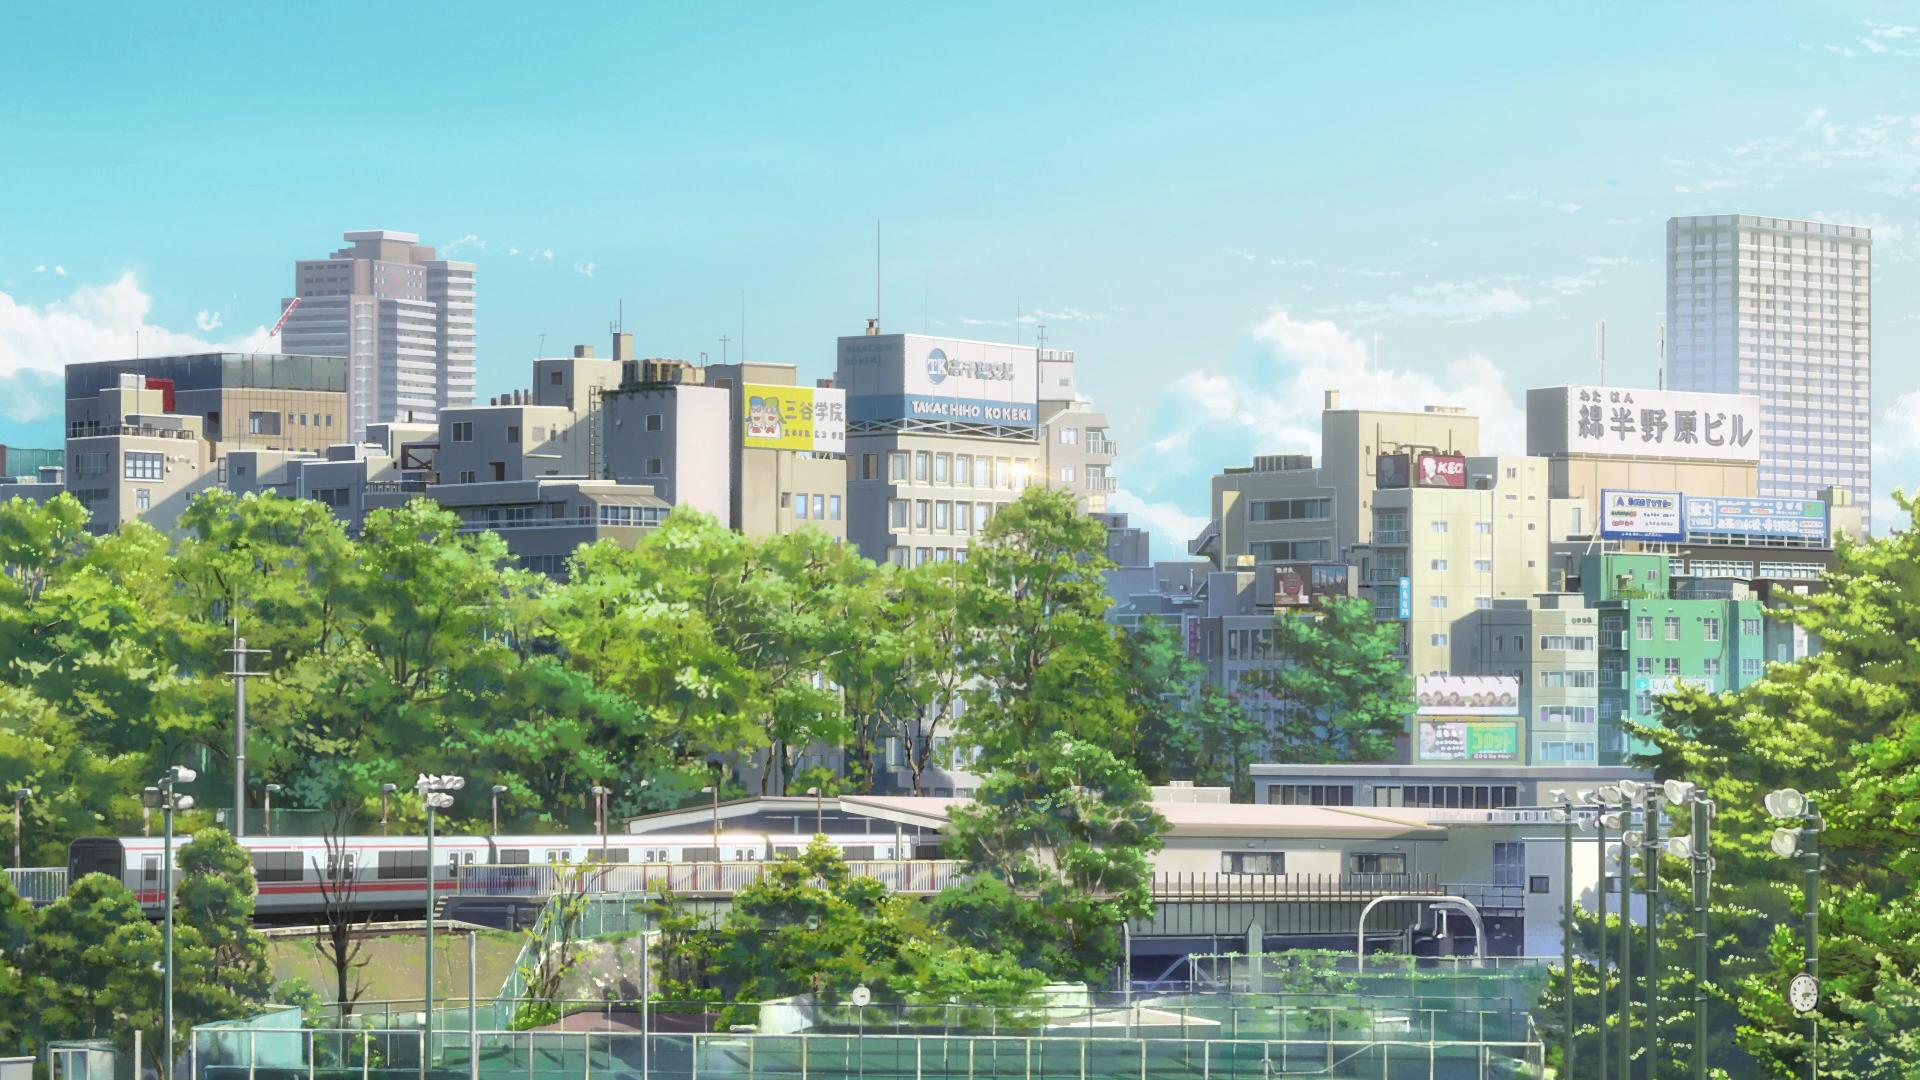 KimiNoNawa_2019-08-03-22h19m47s902.png